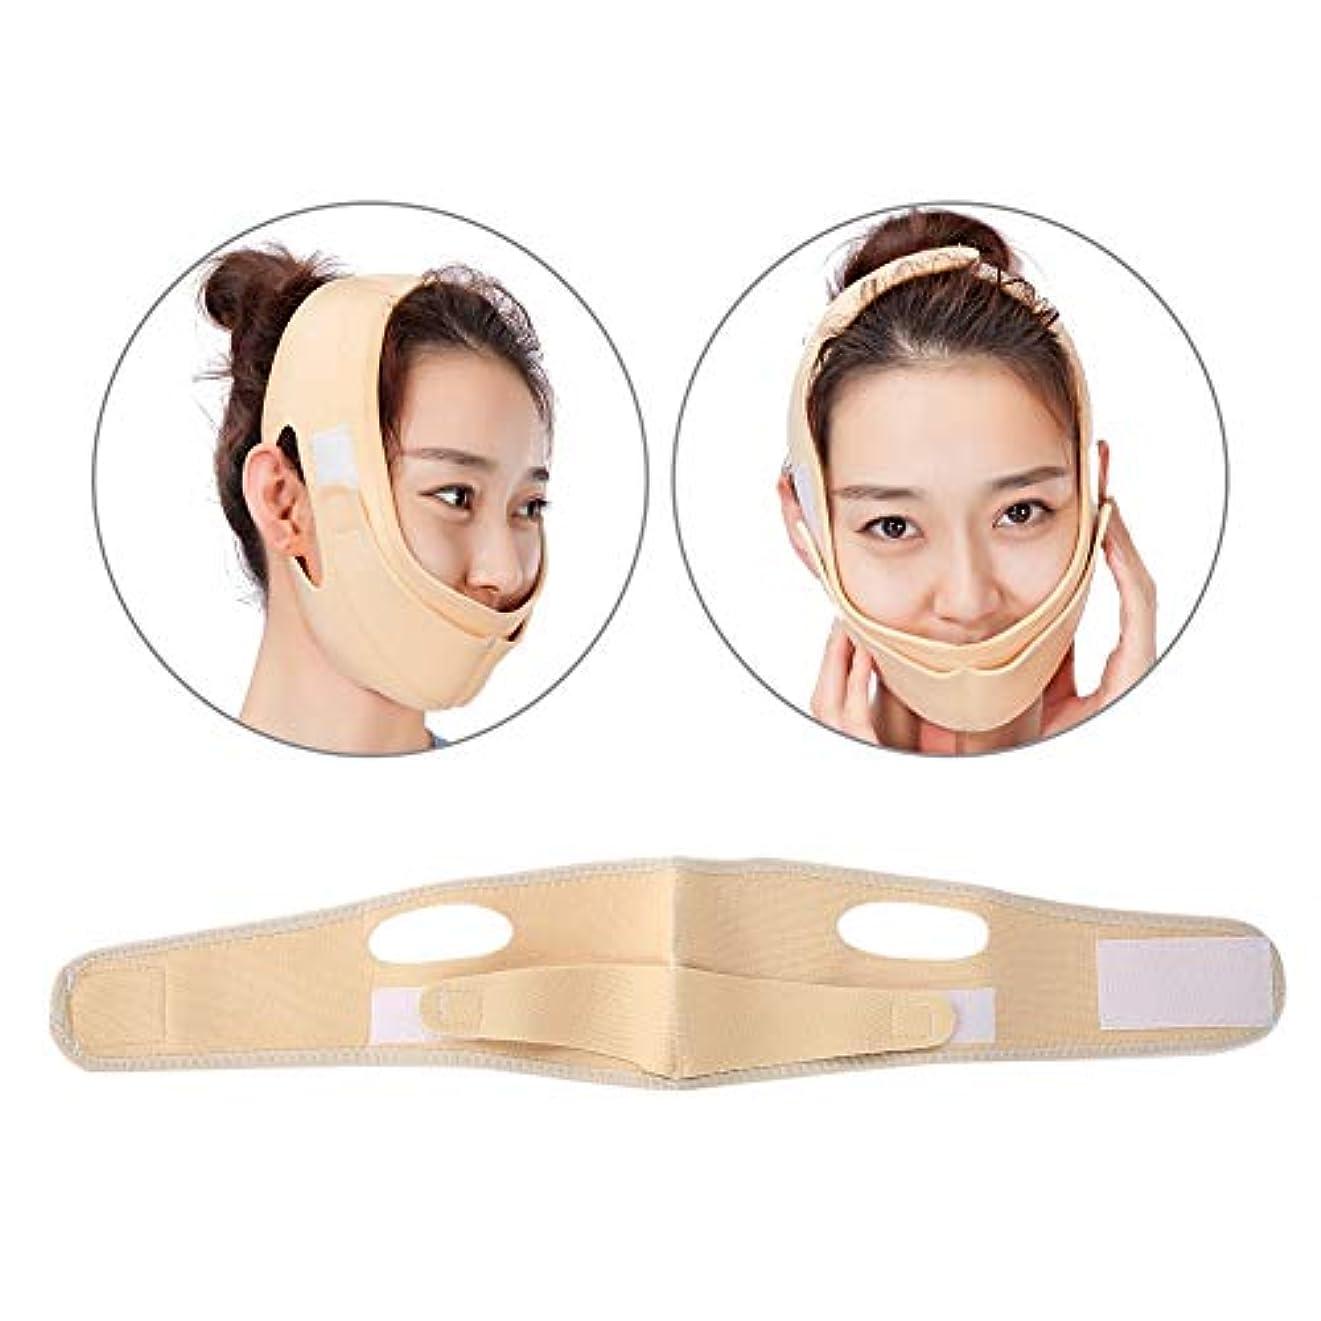 トレードクックマダム2タイプフェイスリフティングマスク、ナチュラルVチーク舐め締めベルト、アンチリンクル引き締めスキンマスク、フェイスリフティング減量アンチダブルフェイシャル包帯(1#)